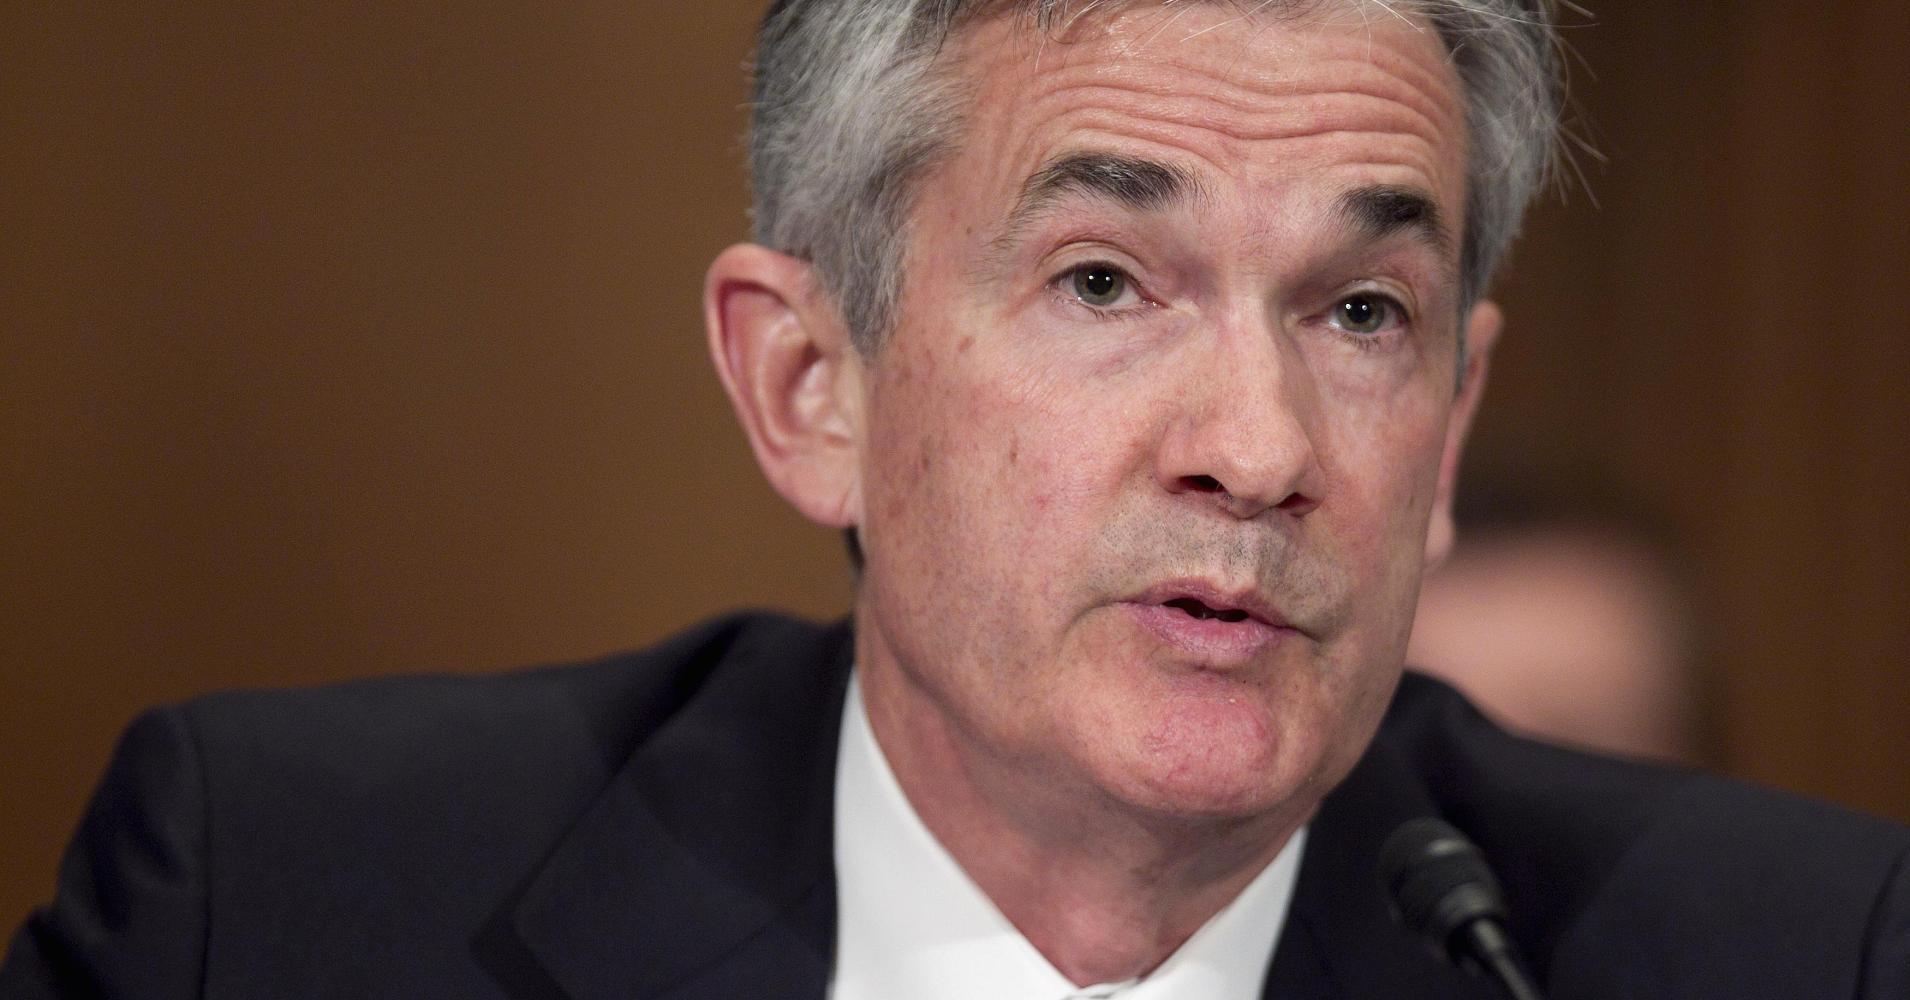 باول، محافظ الفيدرالي الأمريكي: الوضع الاقتصادي مطمئن الآن